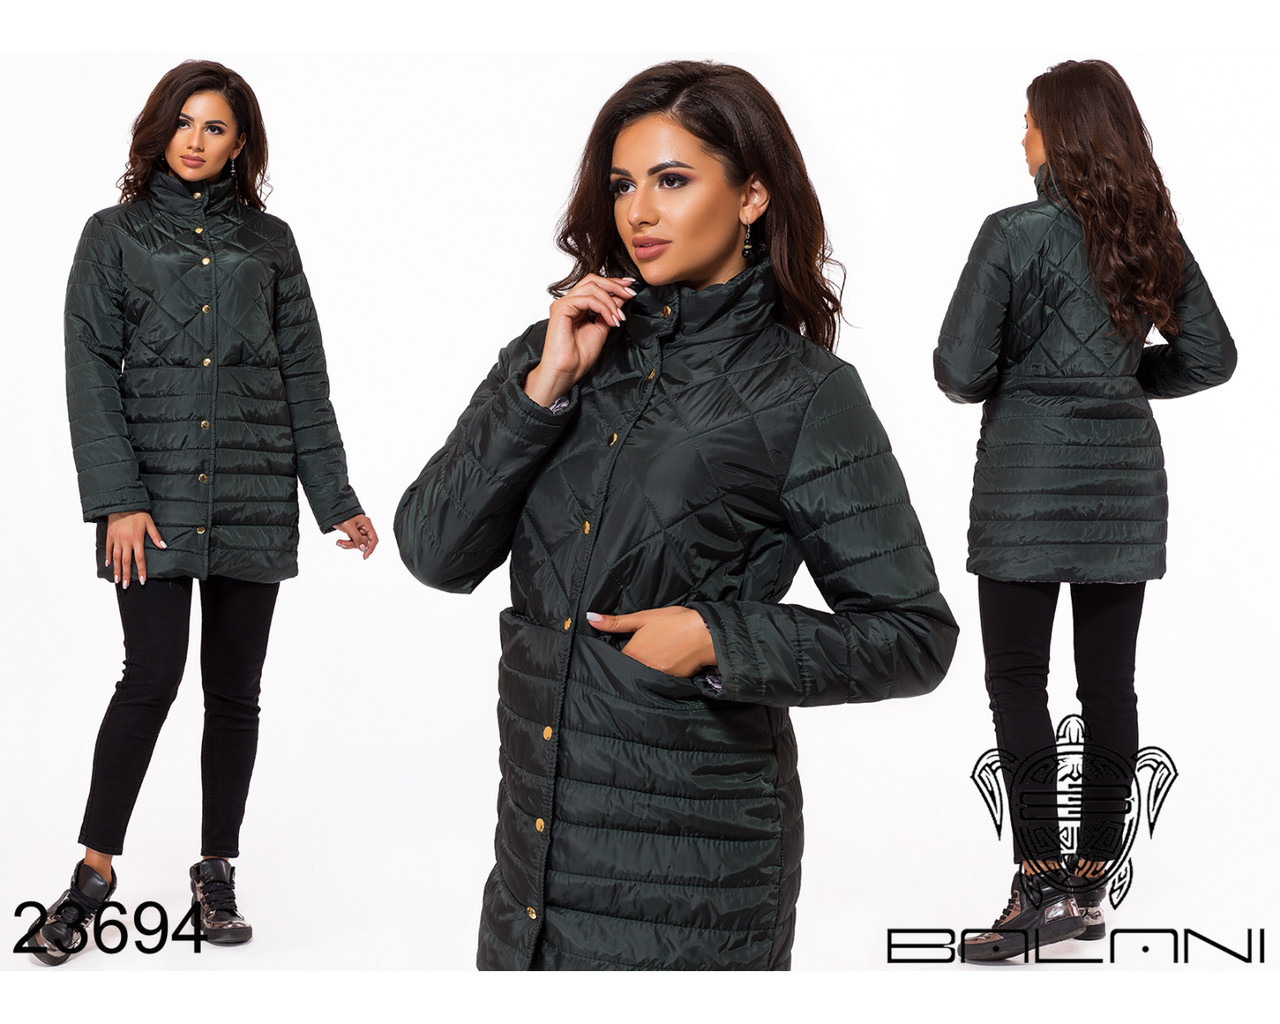 Куртка удлиненная- 23694